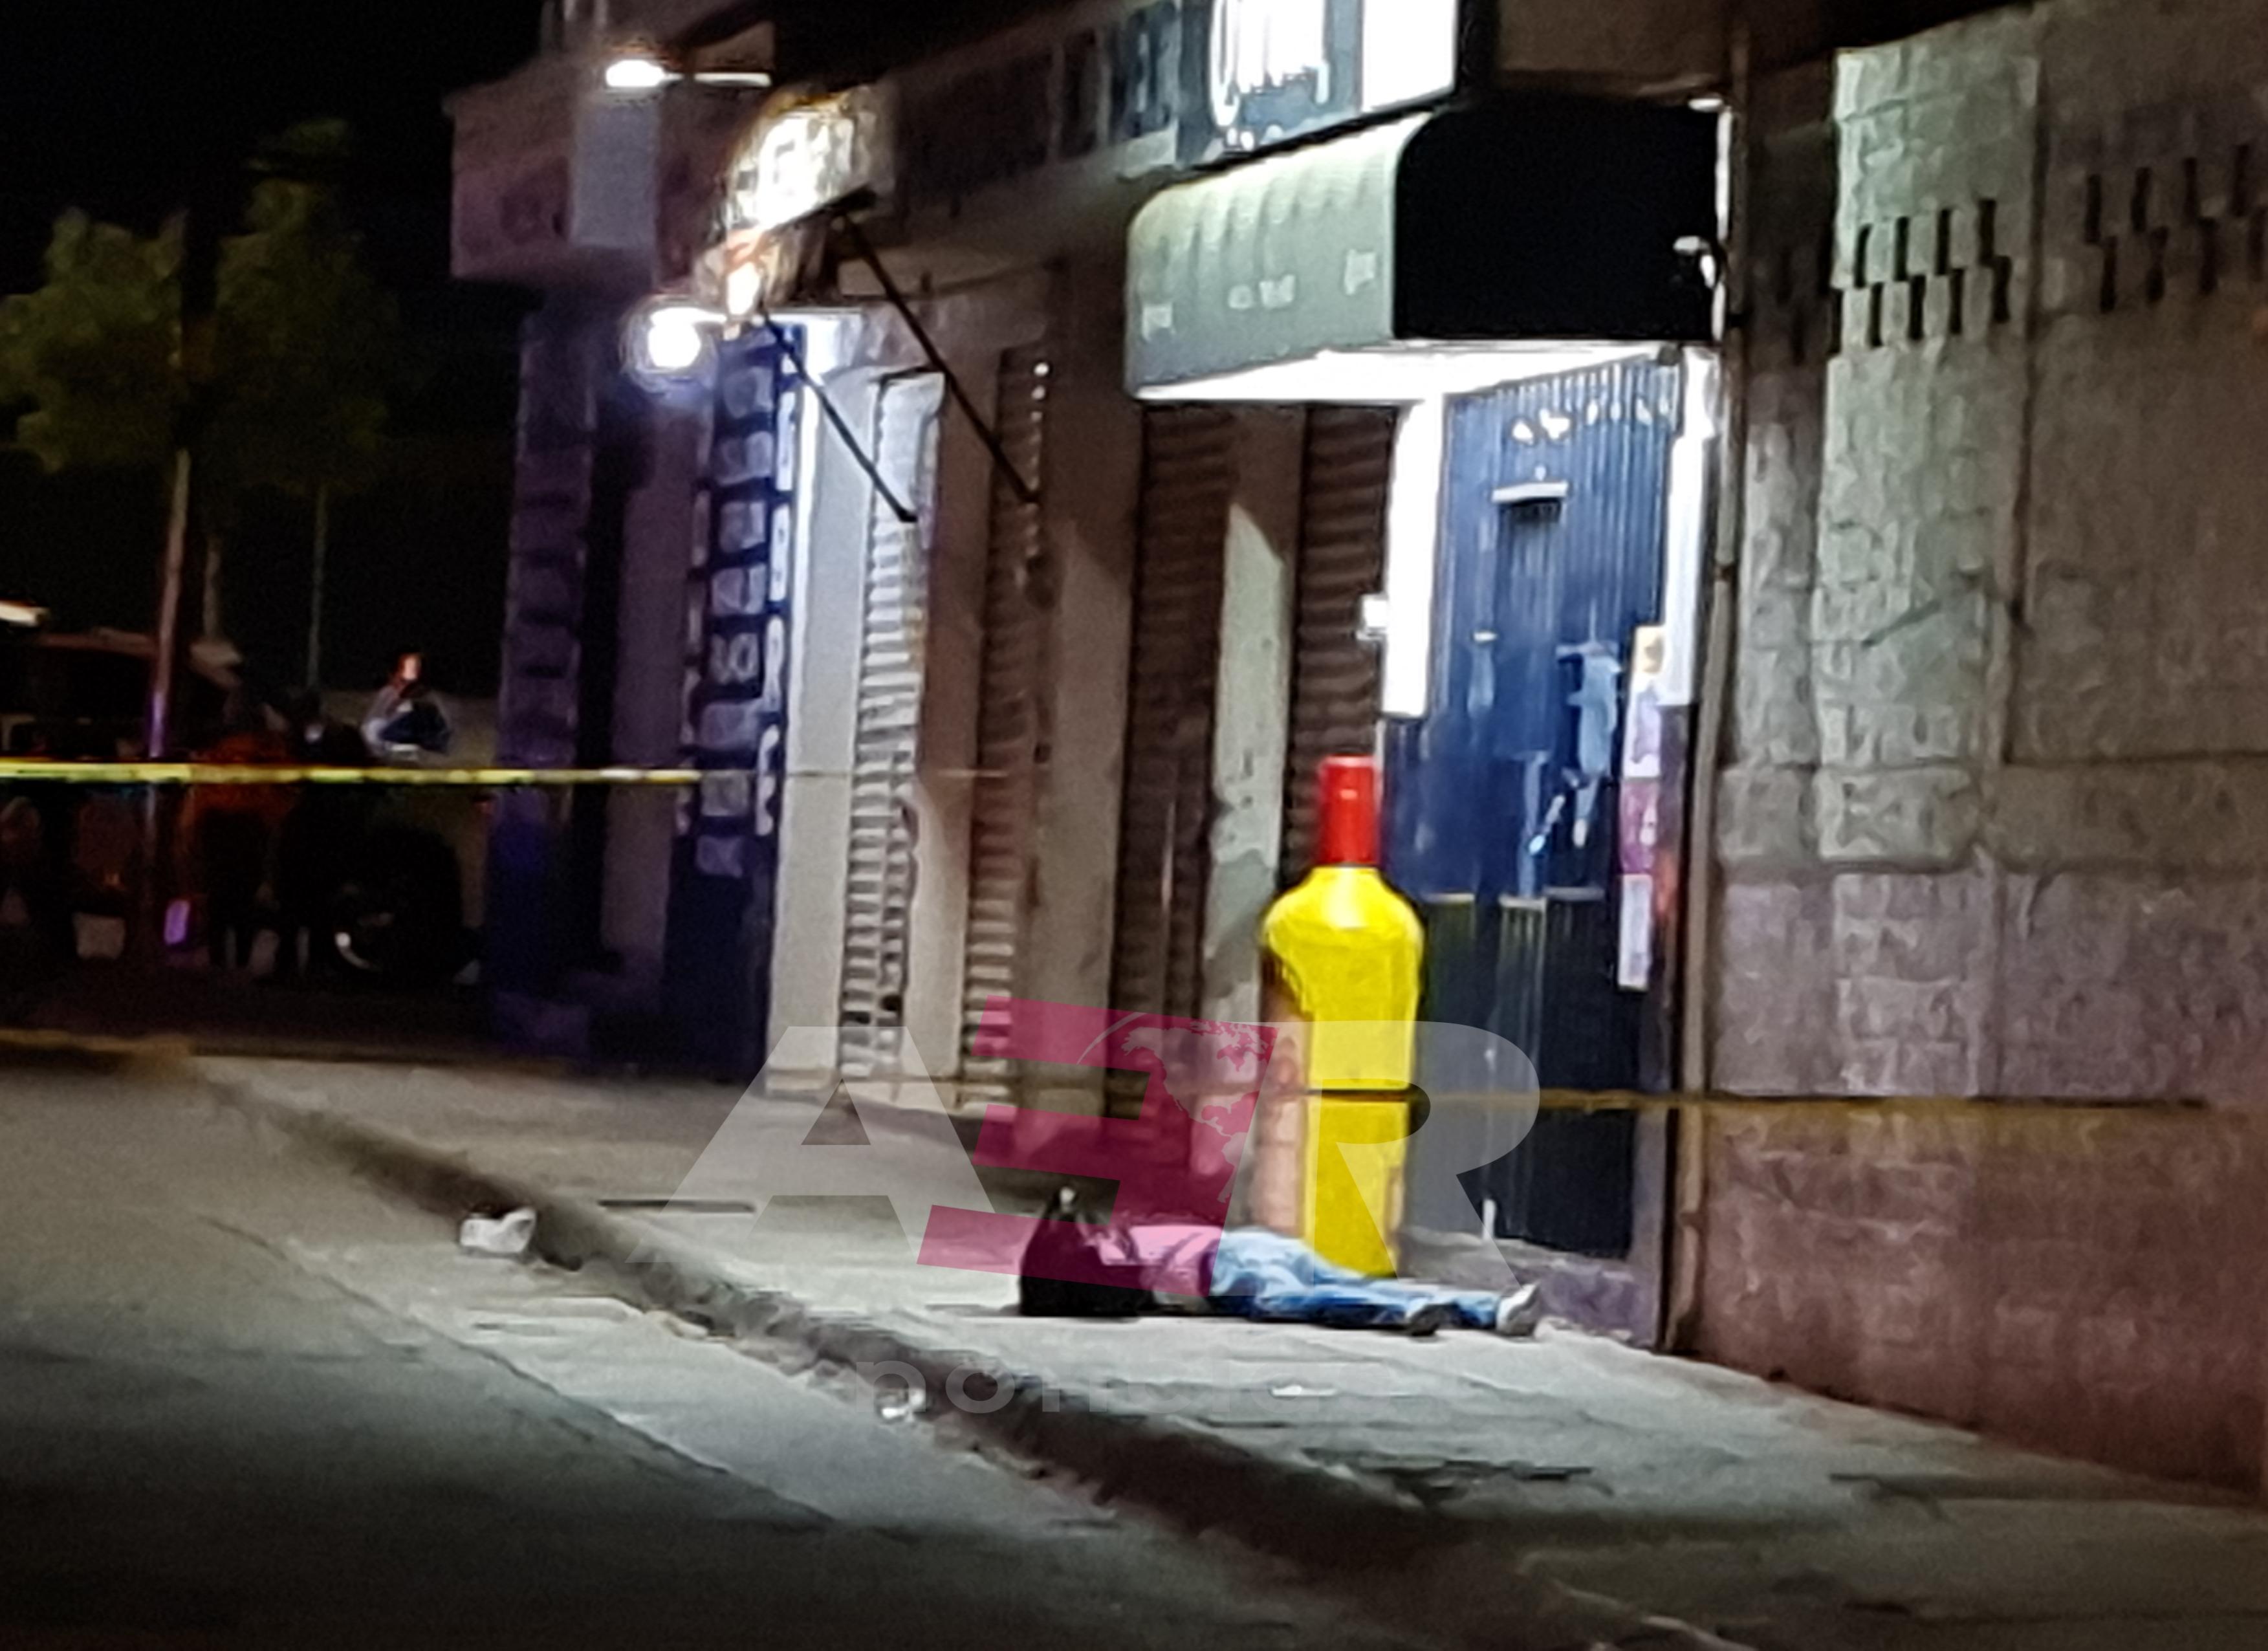 Matan a joven afuera de un depósito de cerveza 1